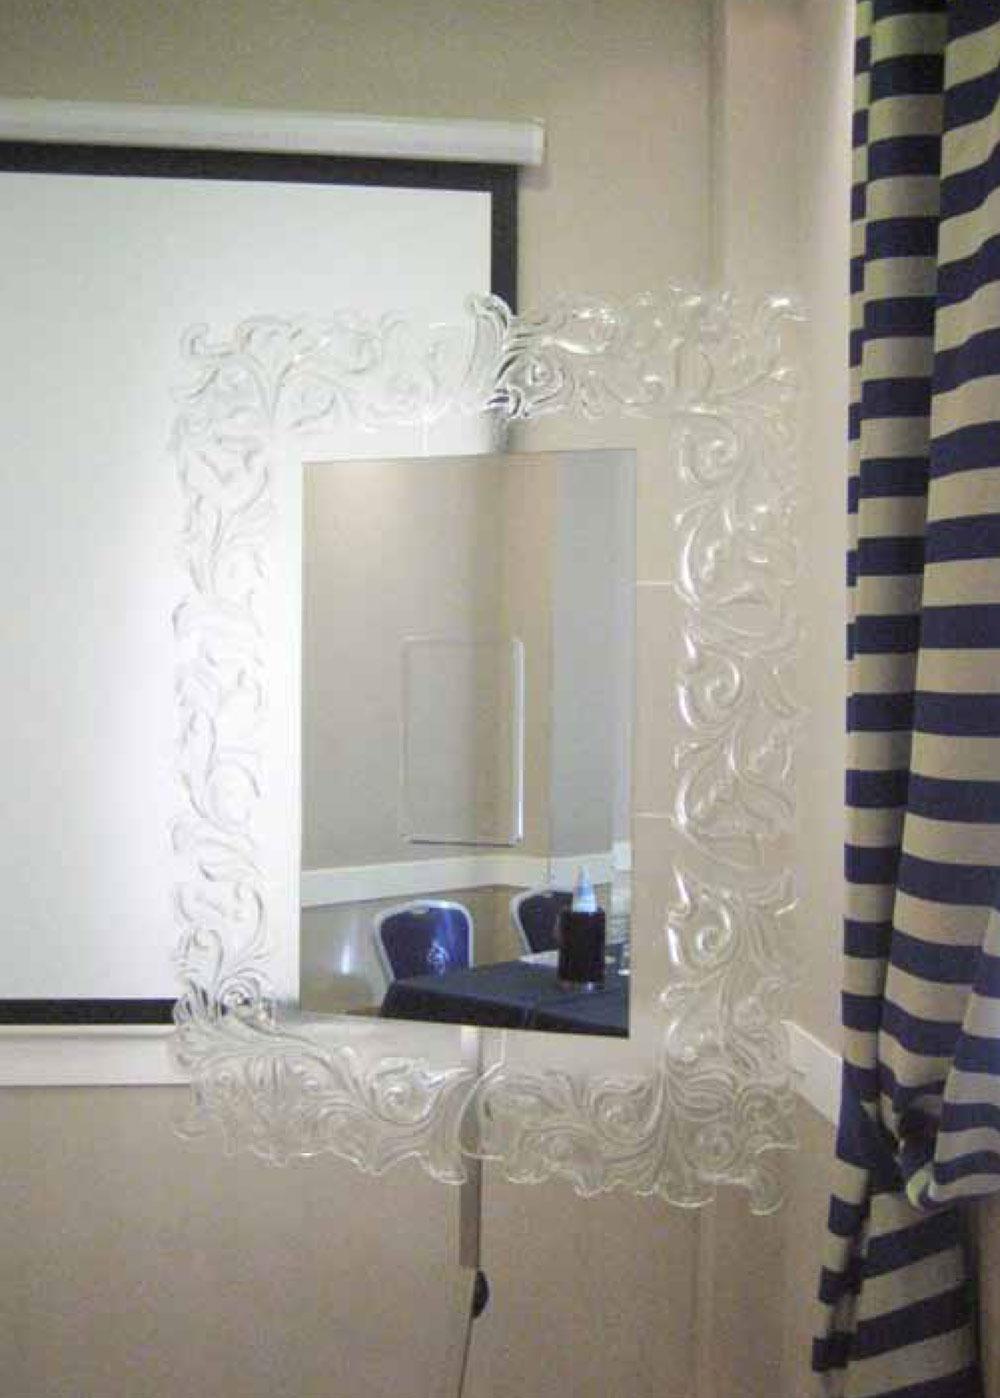 Vendita On Line Specchio In Vetro Fatto A Mano